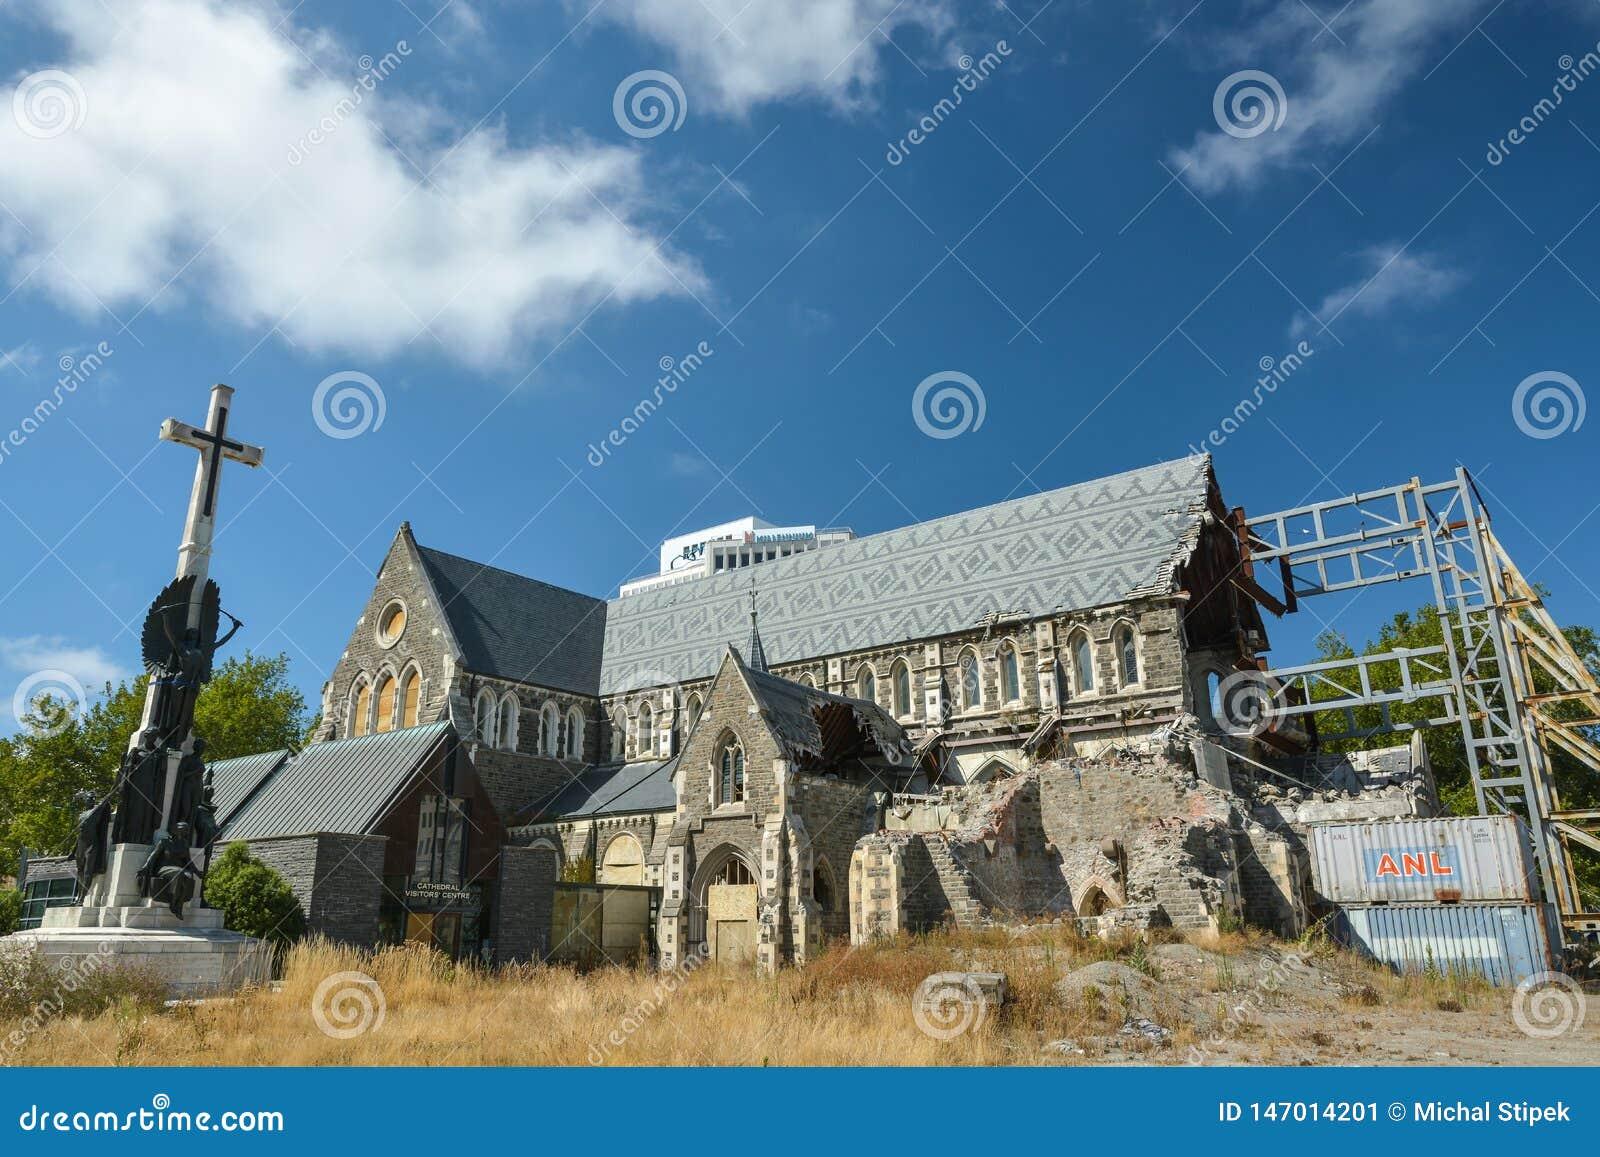 Catedral en Christchurch, Nueva Zelanda, devastado por el terremoto fuerte